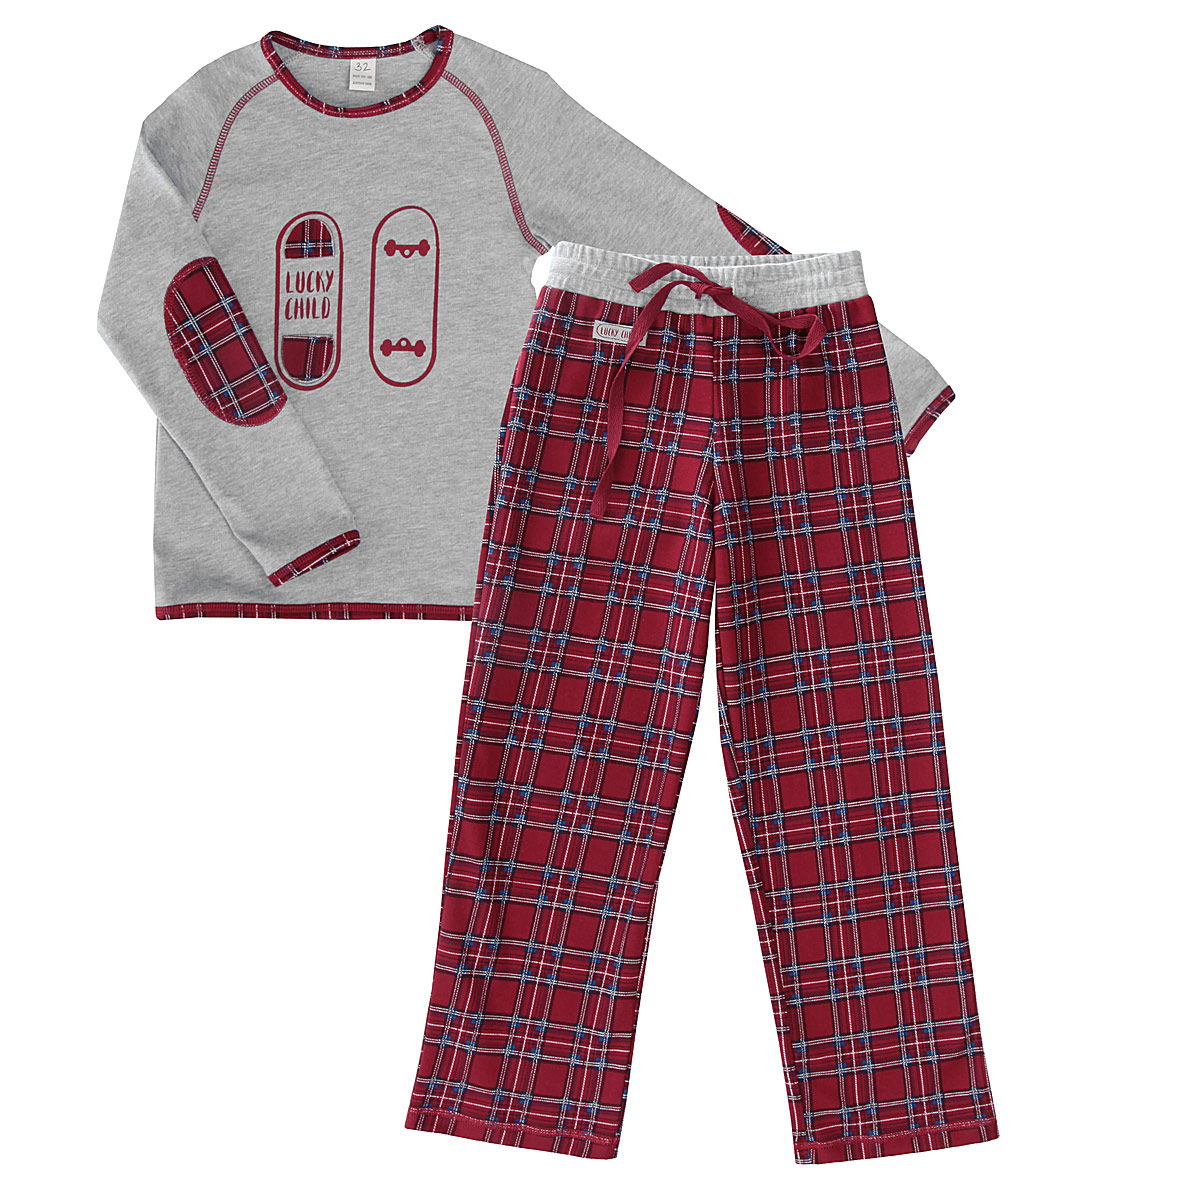 Пижама для мальчика Lucky Child, цвет: серый, бордовый. 13-400. Размер 26. Рост 80/8613-400Очаровательная пижама для мальчика Lucky Child, состоящая из джемпера и брюк, идеально подойдет вашему ребенку и станет отличным дополнением к детскому гардеробу. Изготовленная из натурального хлопка, она необычайно мягкая и приятная на ощупь, не раздражает нежную кожу ребенка и хорошо вентилируется, а эластичные швы приятны телу и не препятствуют движениям. Джемпер с длинными рукавами-реглан и круглым вырезом горловины оформлена принтом и аппликацией в виде скейтборда, а также контрастной строчкой. Вырез горловины, края рукавов и низ изделия дополнены трикотажной бейкой контрастного цвета. Рукава оформлены декоративными заплатами с принтом в клетку. Брюки на талии имеют широкую эластичную резинку, регулируемую шнурком, благодаря чему, они не сдавливают живот и не сползают. Оформлено изделие принтом в клетку и декорировано небольшой нашивкой с называнием бренда. Такая пижама идеально подойдет вашему ребенку, а мягкие полотна позволят ему комфортно чувствовать себя во время сна!